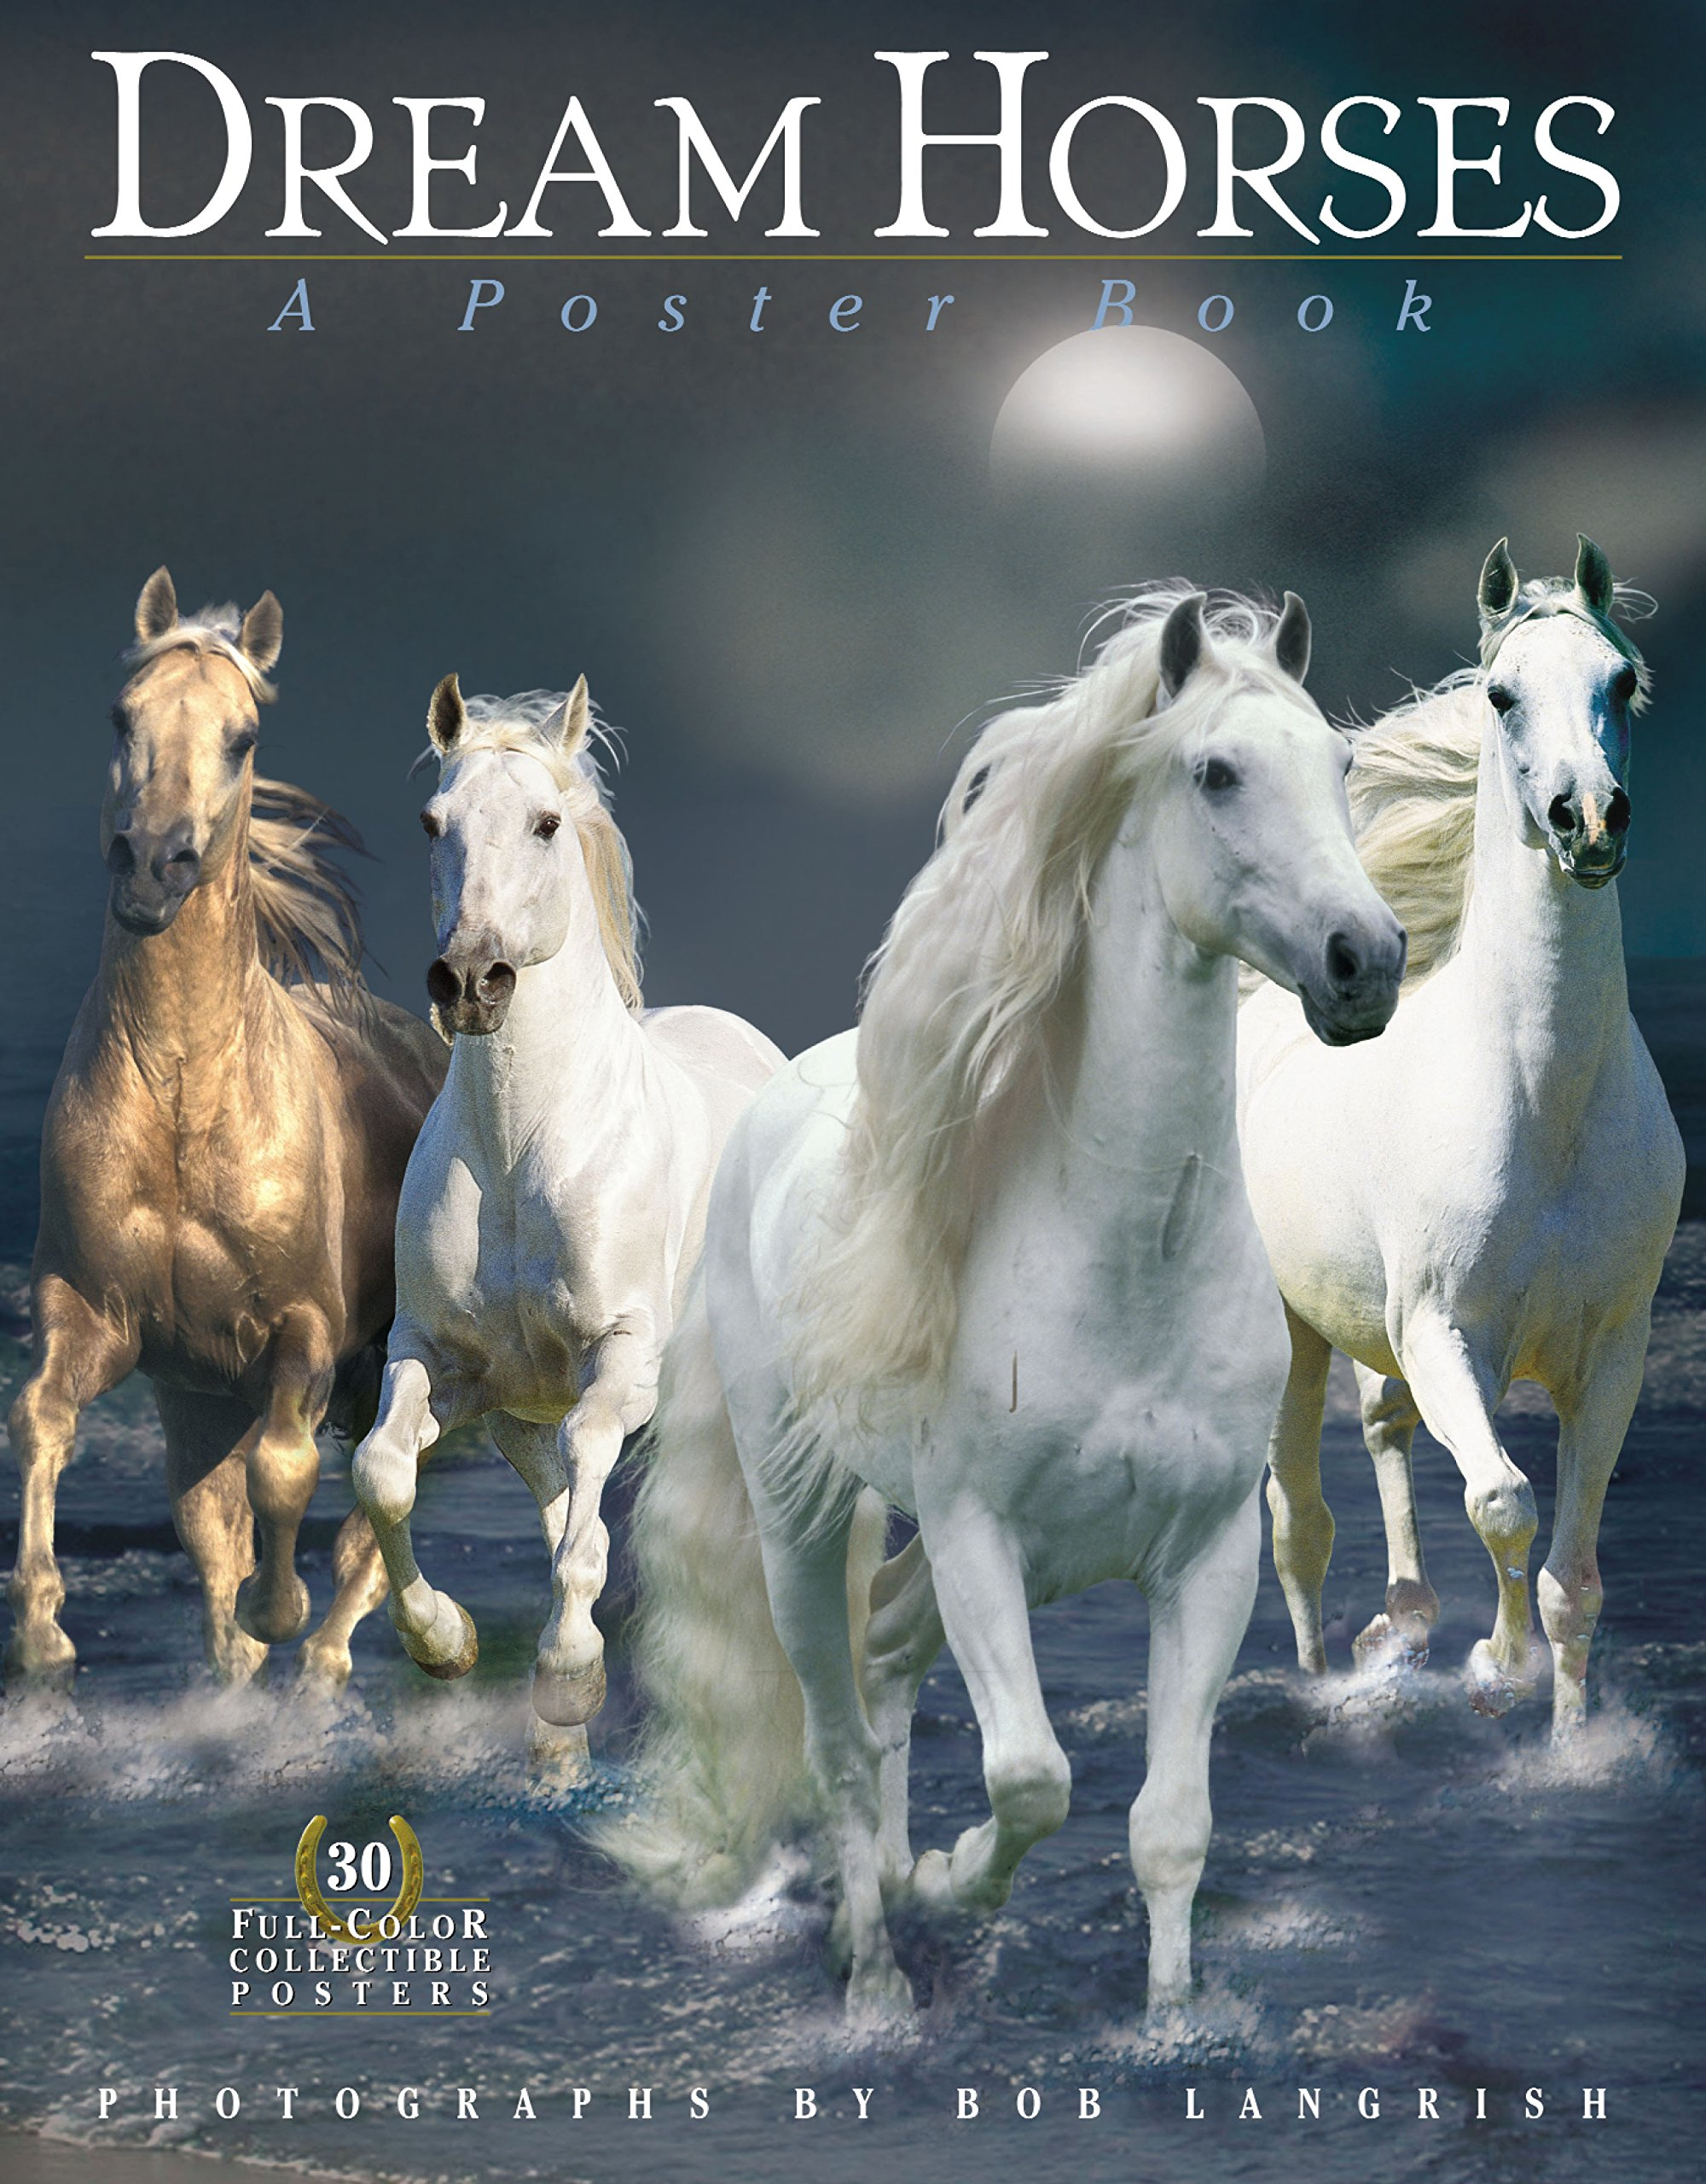 Dream Horses: A Poster Book